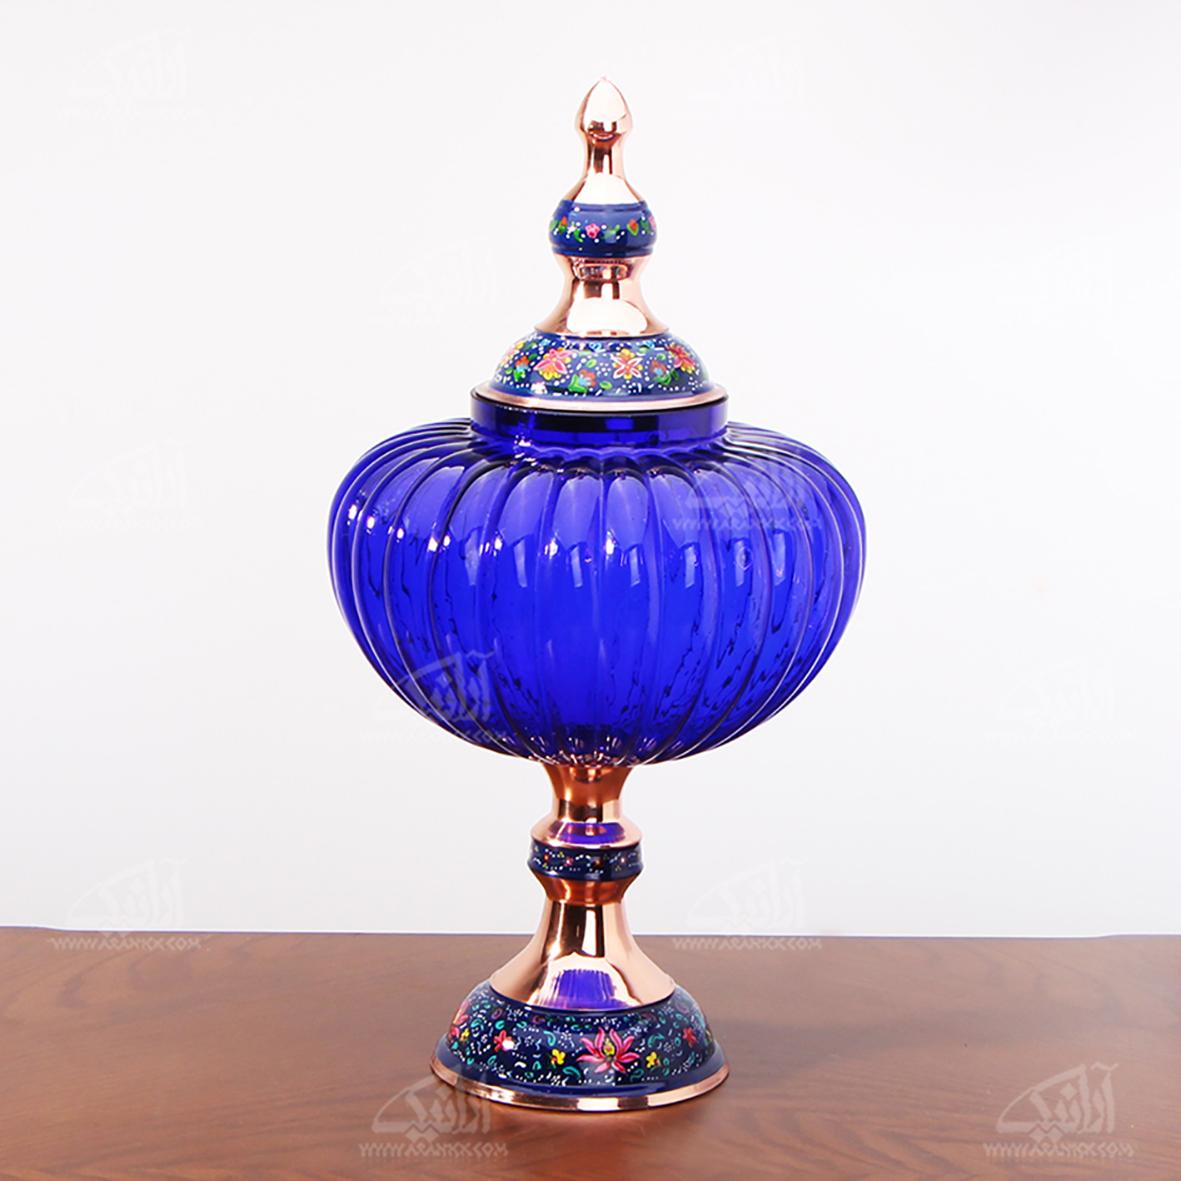 شکلات خوری پایه دار مس و پرداز رنگ آبی تیره طرح آبگینه مدل 1001200036